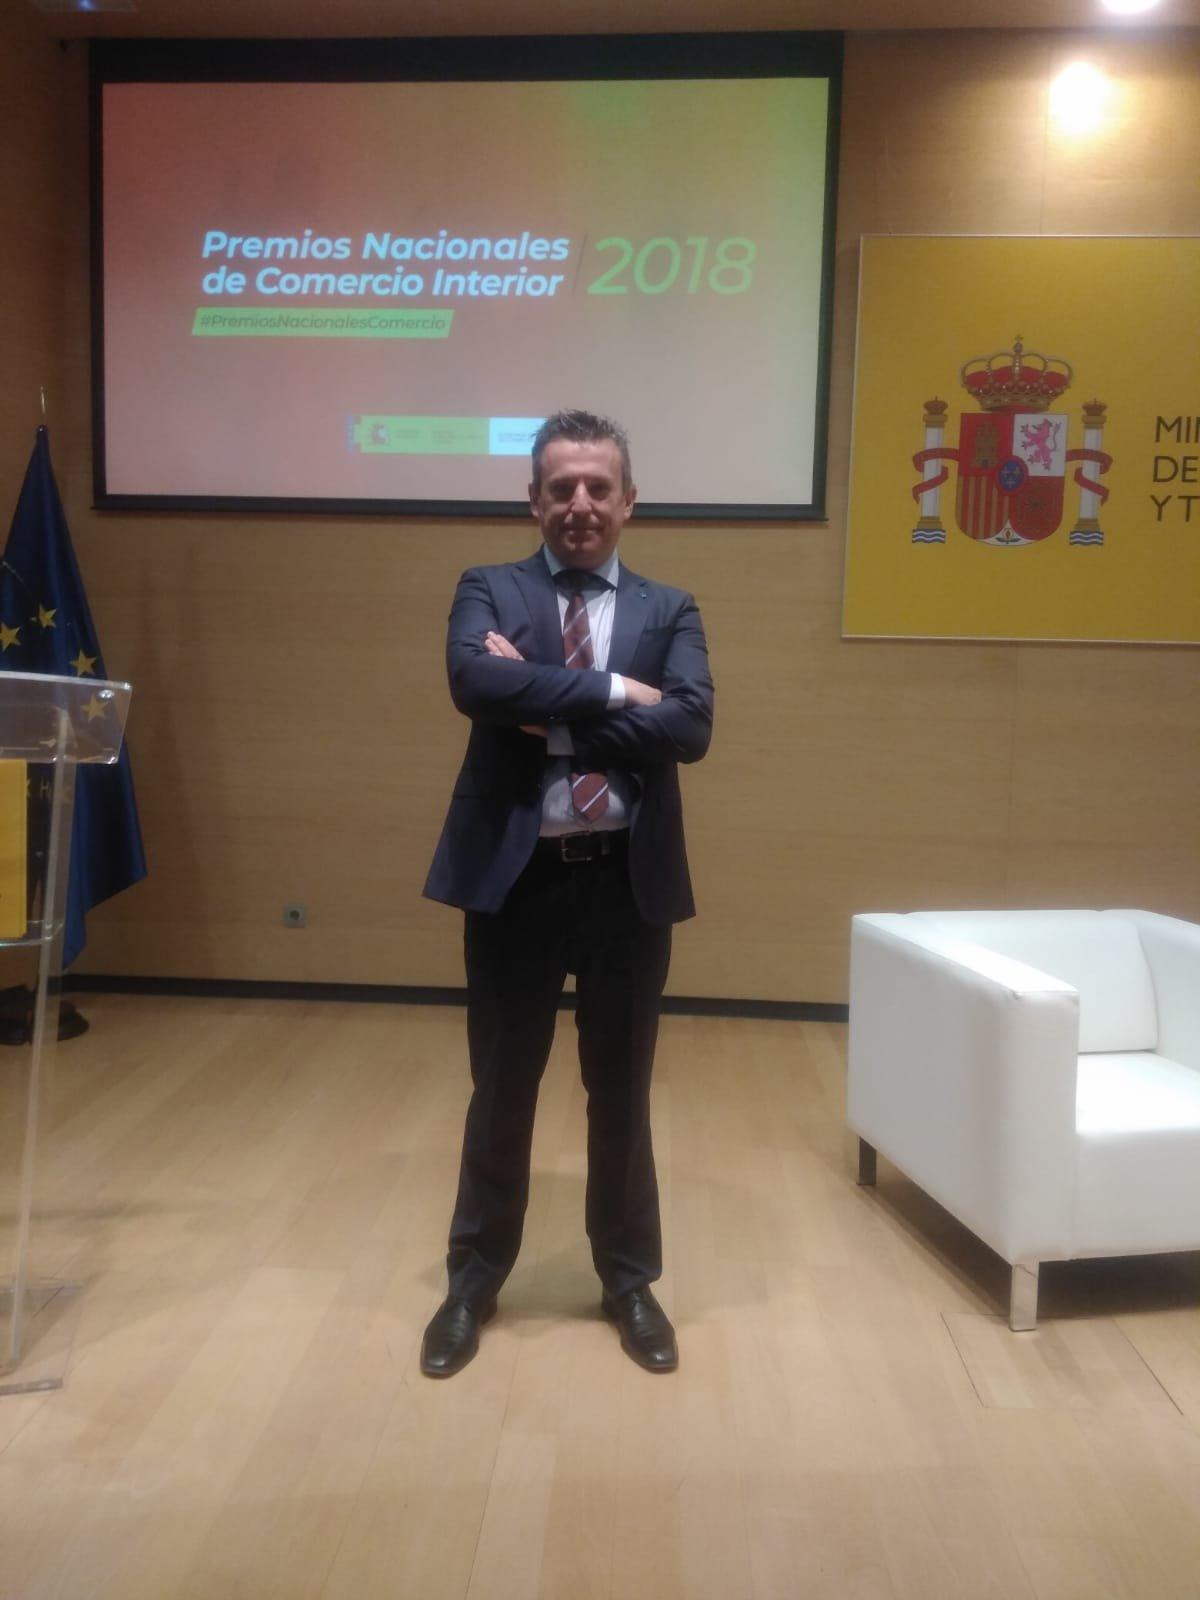 Entrega de Premios Nacionales al Comercio: accésit honorífico a Complementoslamonsita.com - Img 2